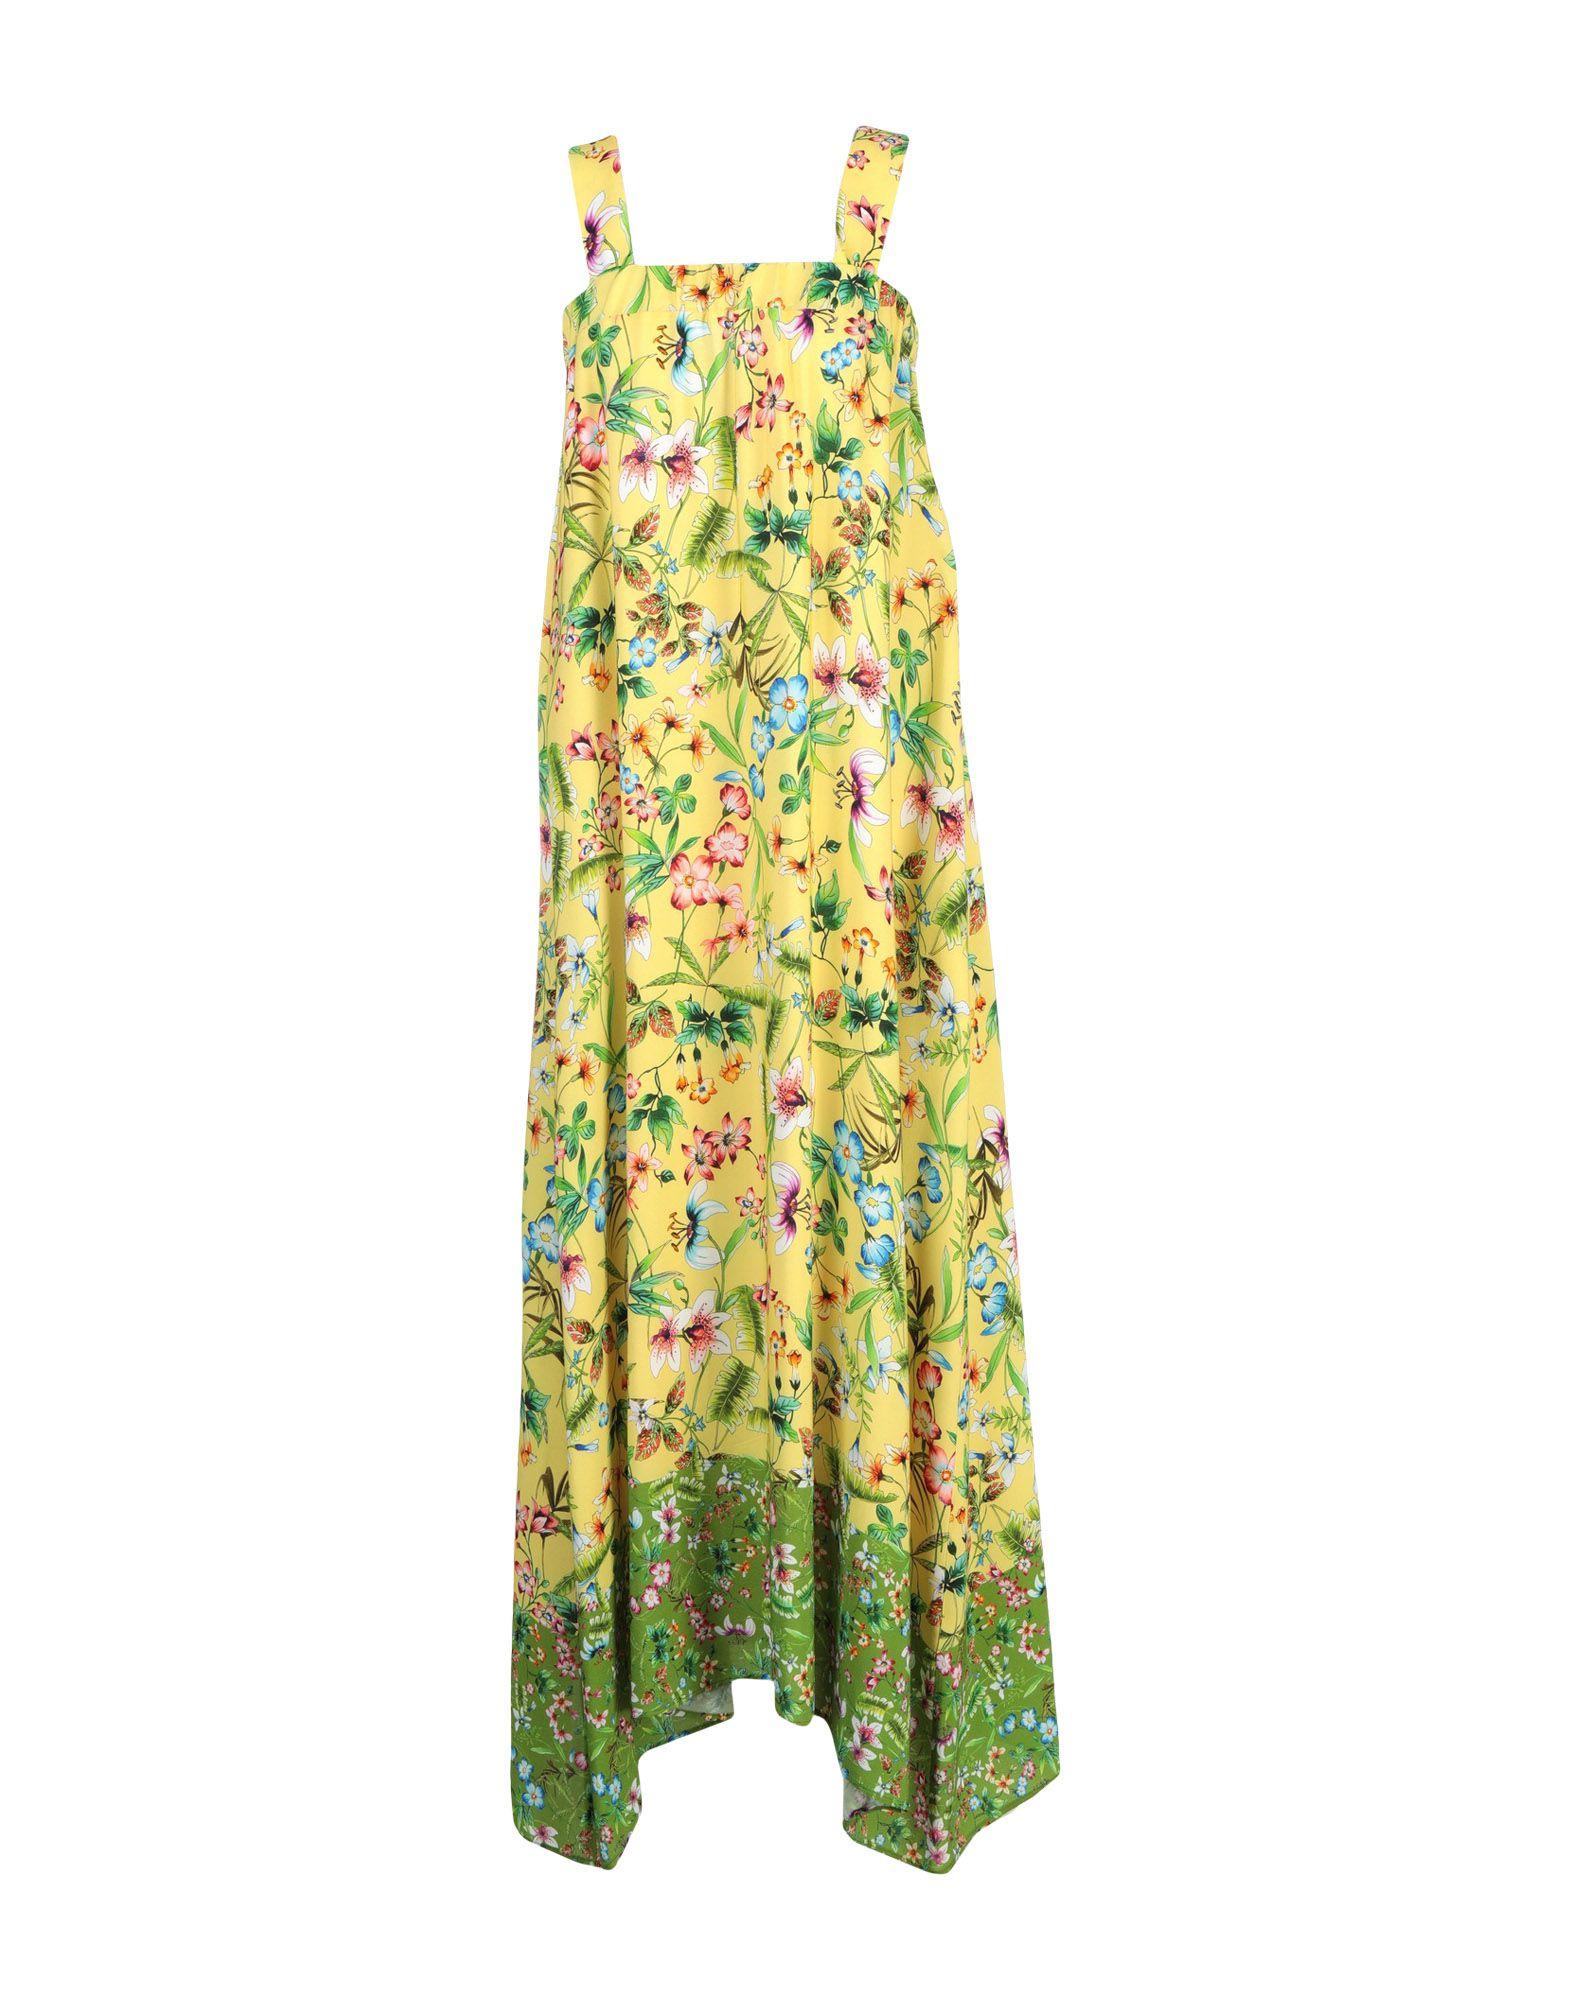 LE BISBETICHE by CAMICETTASNOB Damen Langes Kleid Farbe Gelb Größe 5